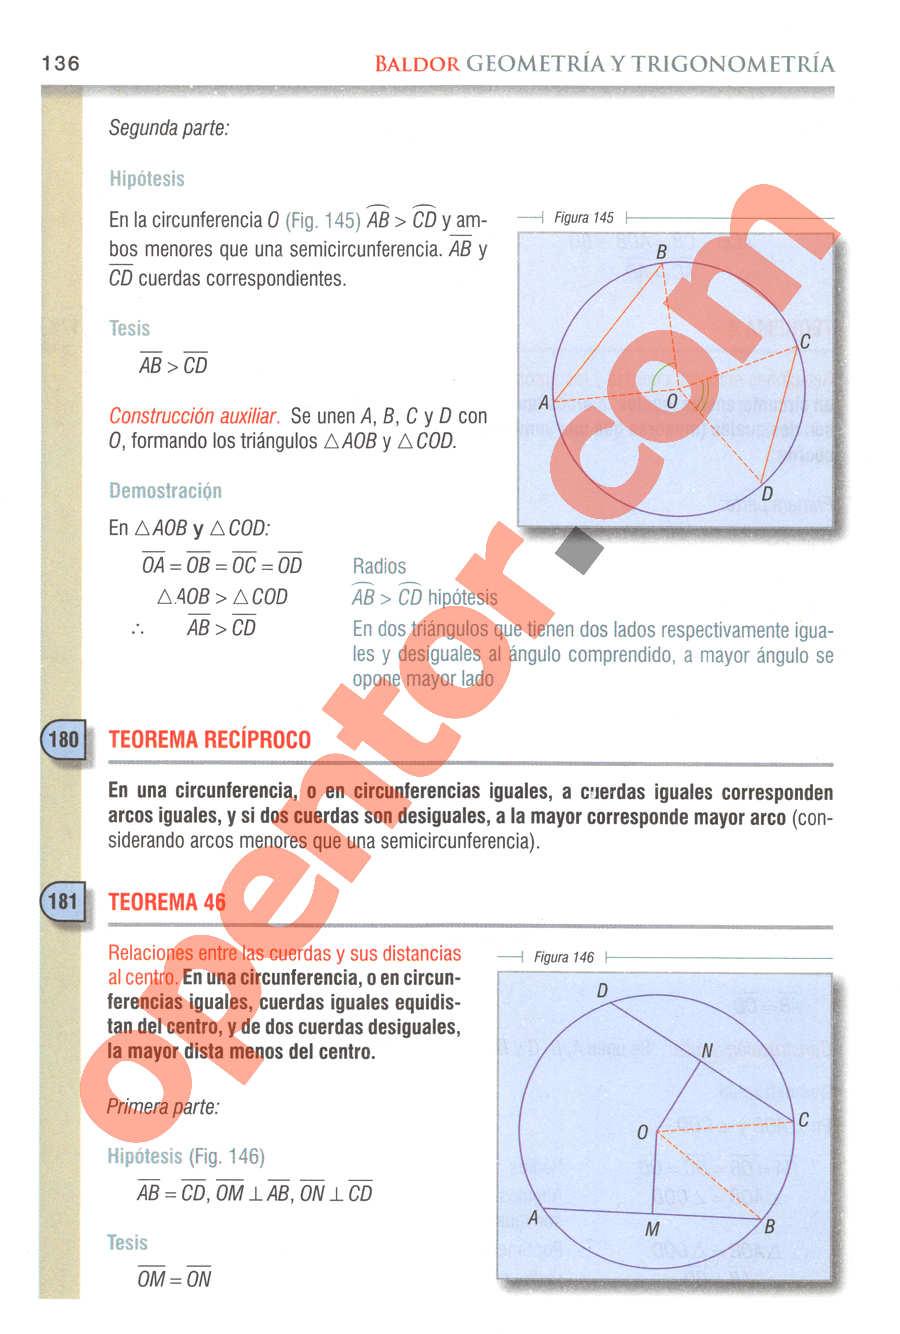 Geometría y Trigonometría de Baldor - Página 136